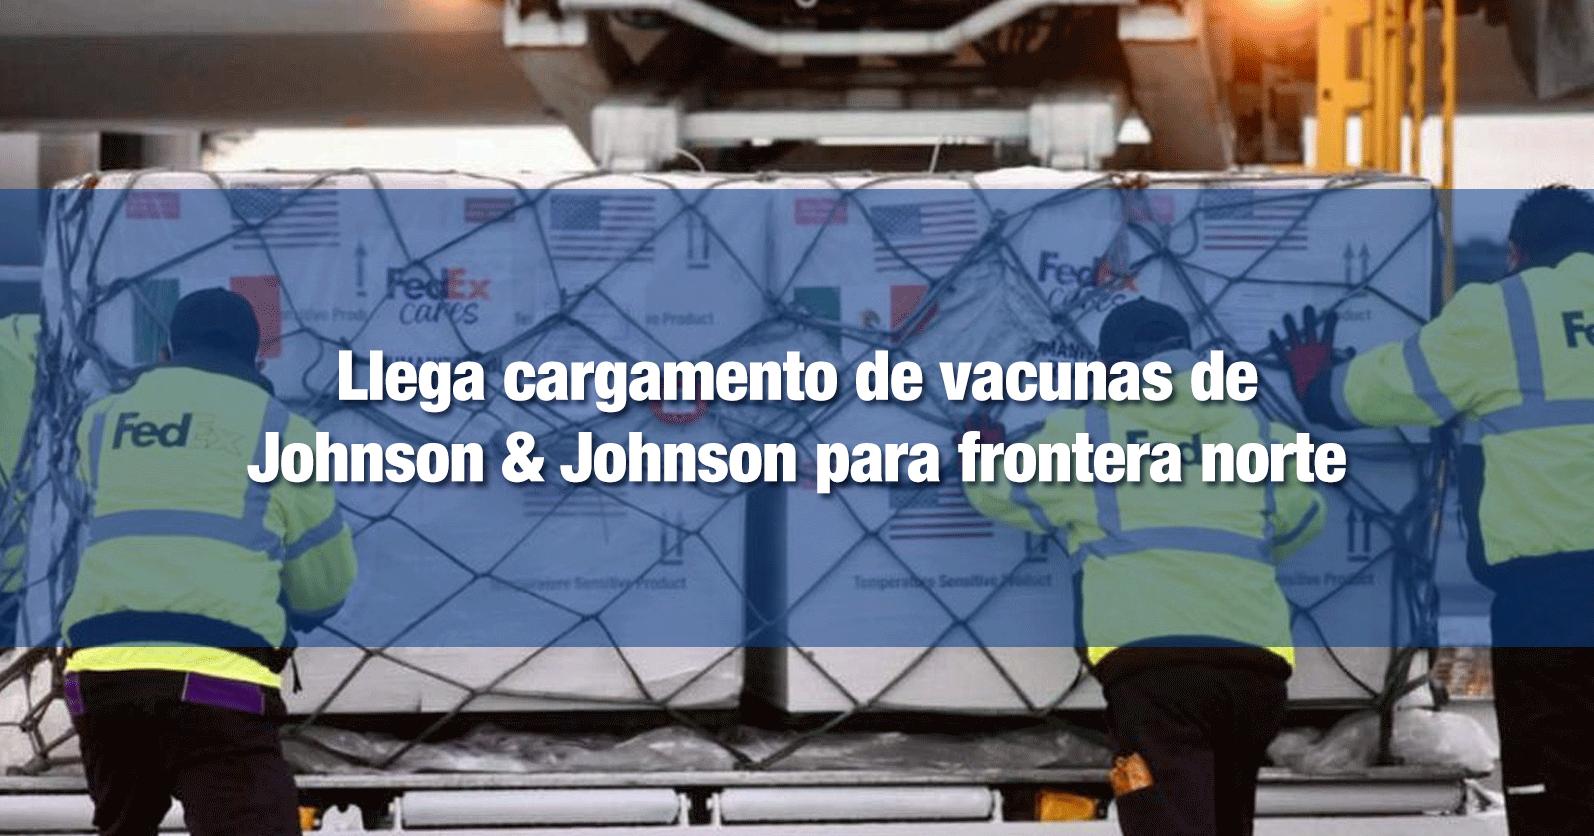 Llega cargamento vacunas de Johnson & Johnson para frontera norte